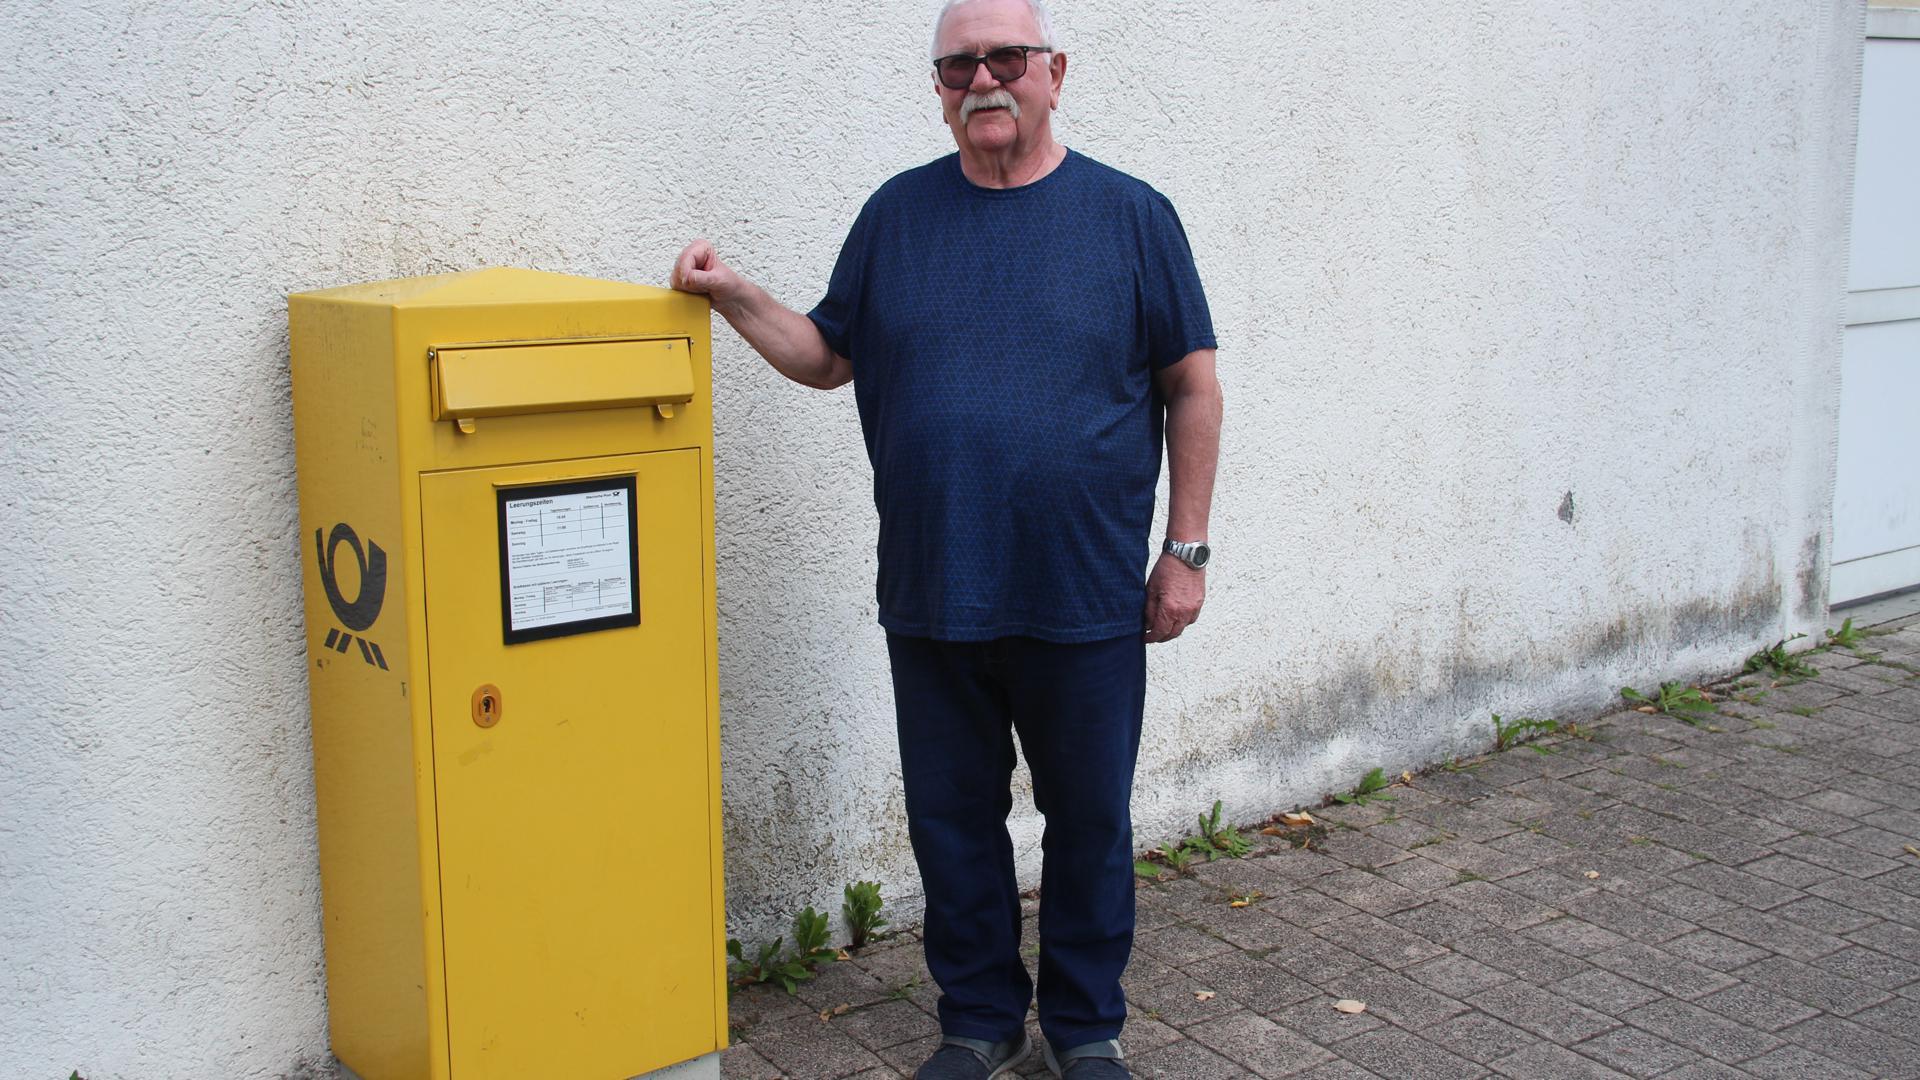 Franz Orth am Briefkasten